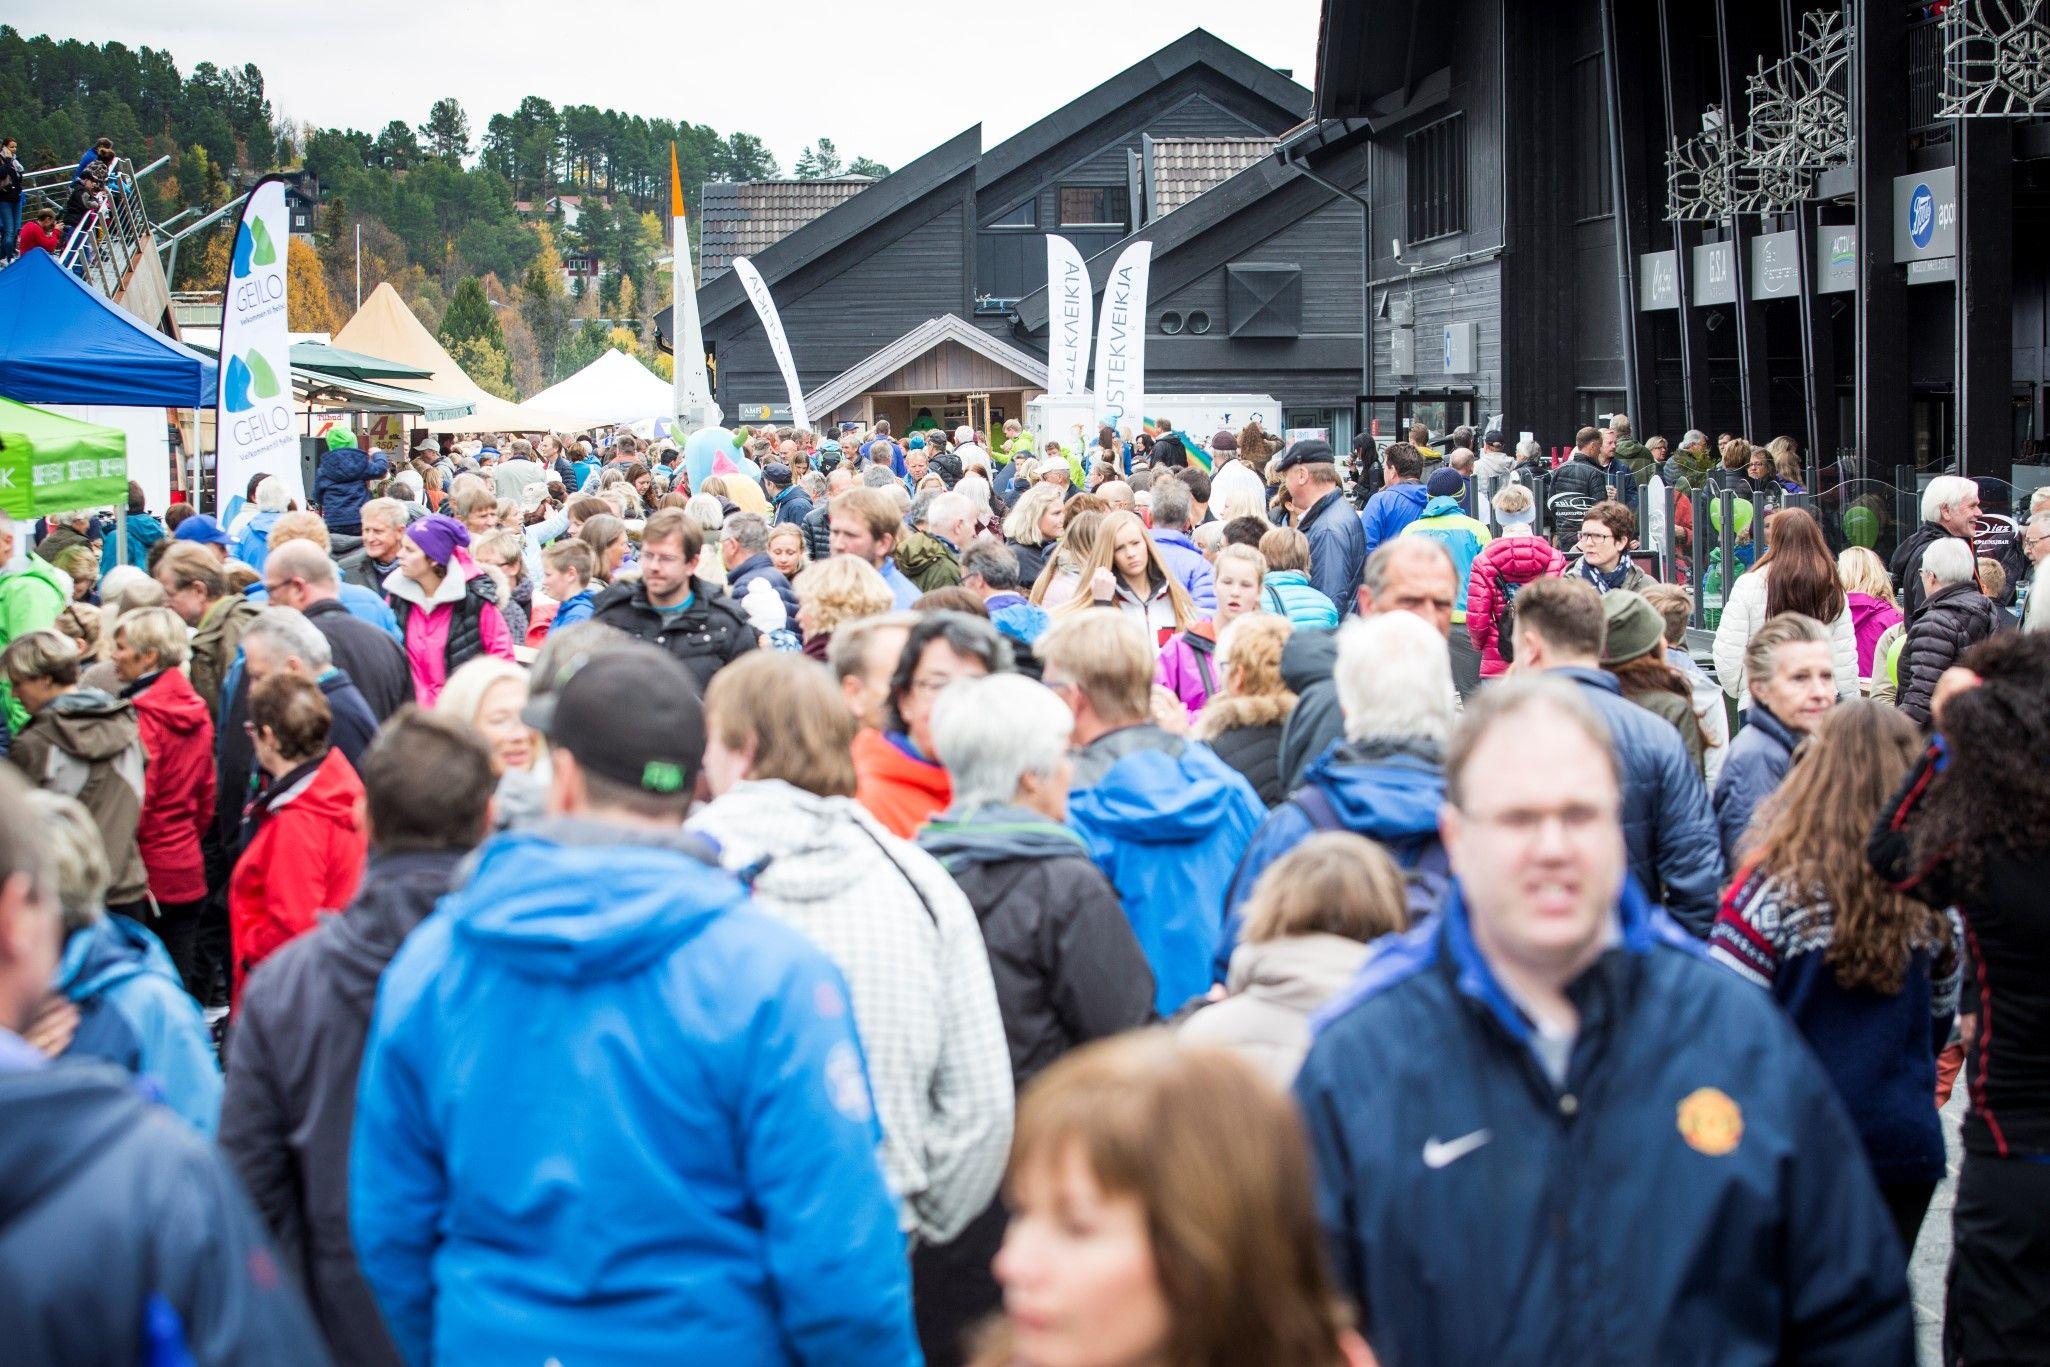 Folkemengde i gågata på Norsk Matglede. Foto: Daniel Tengs